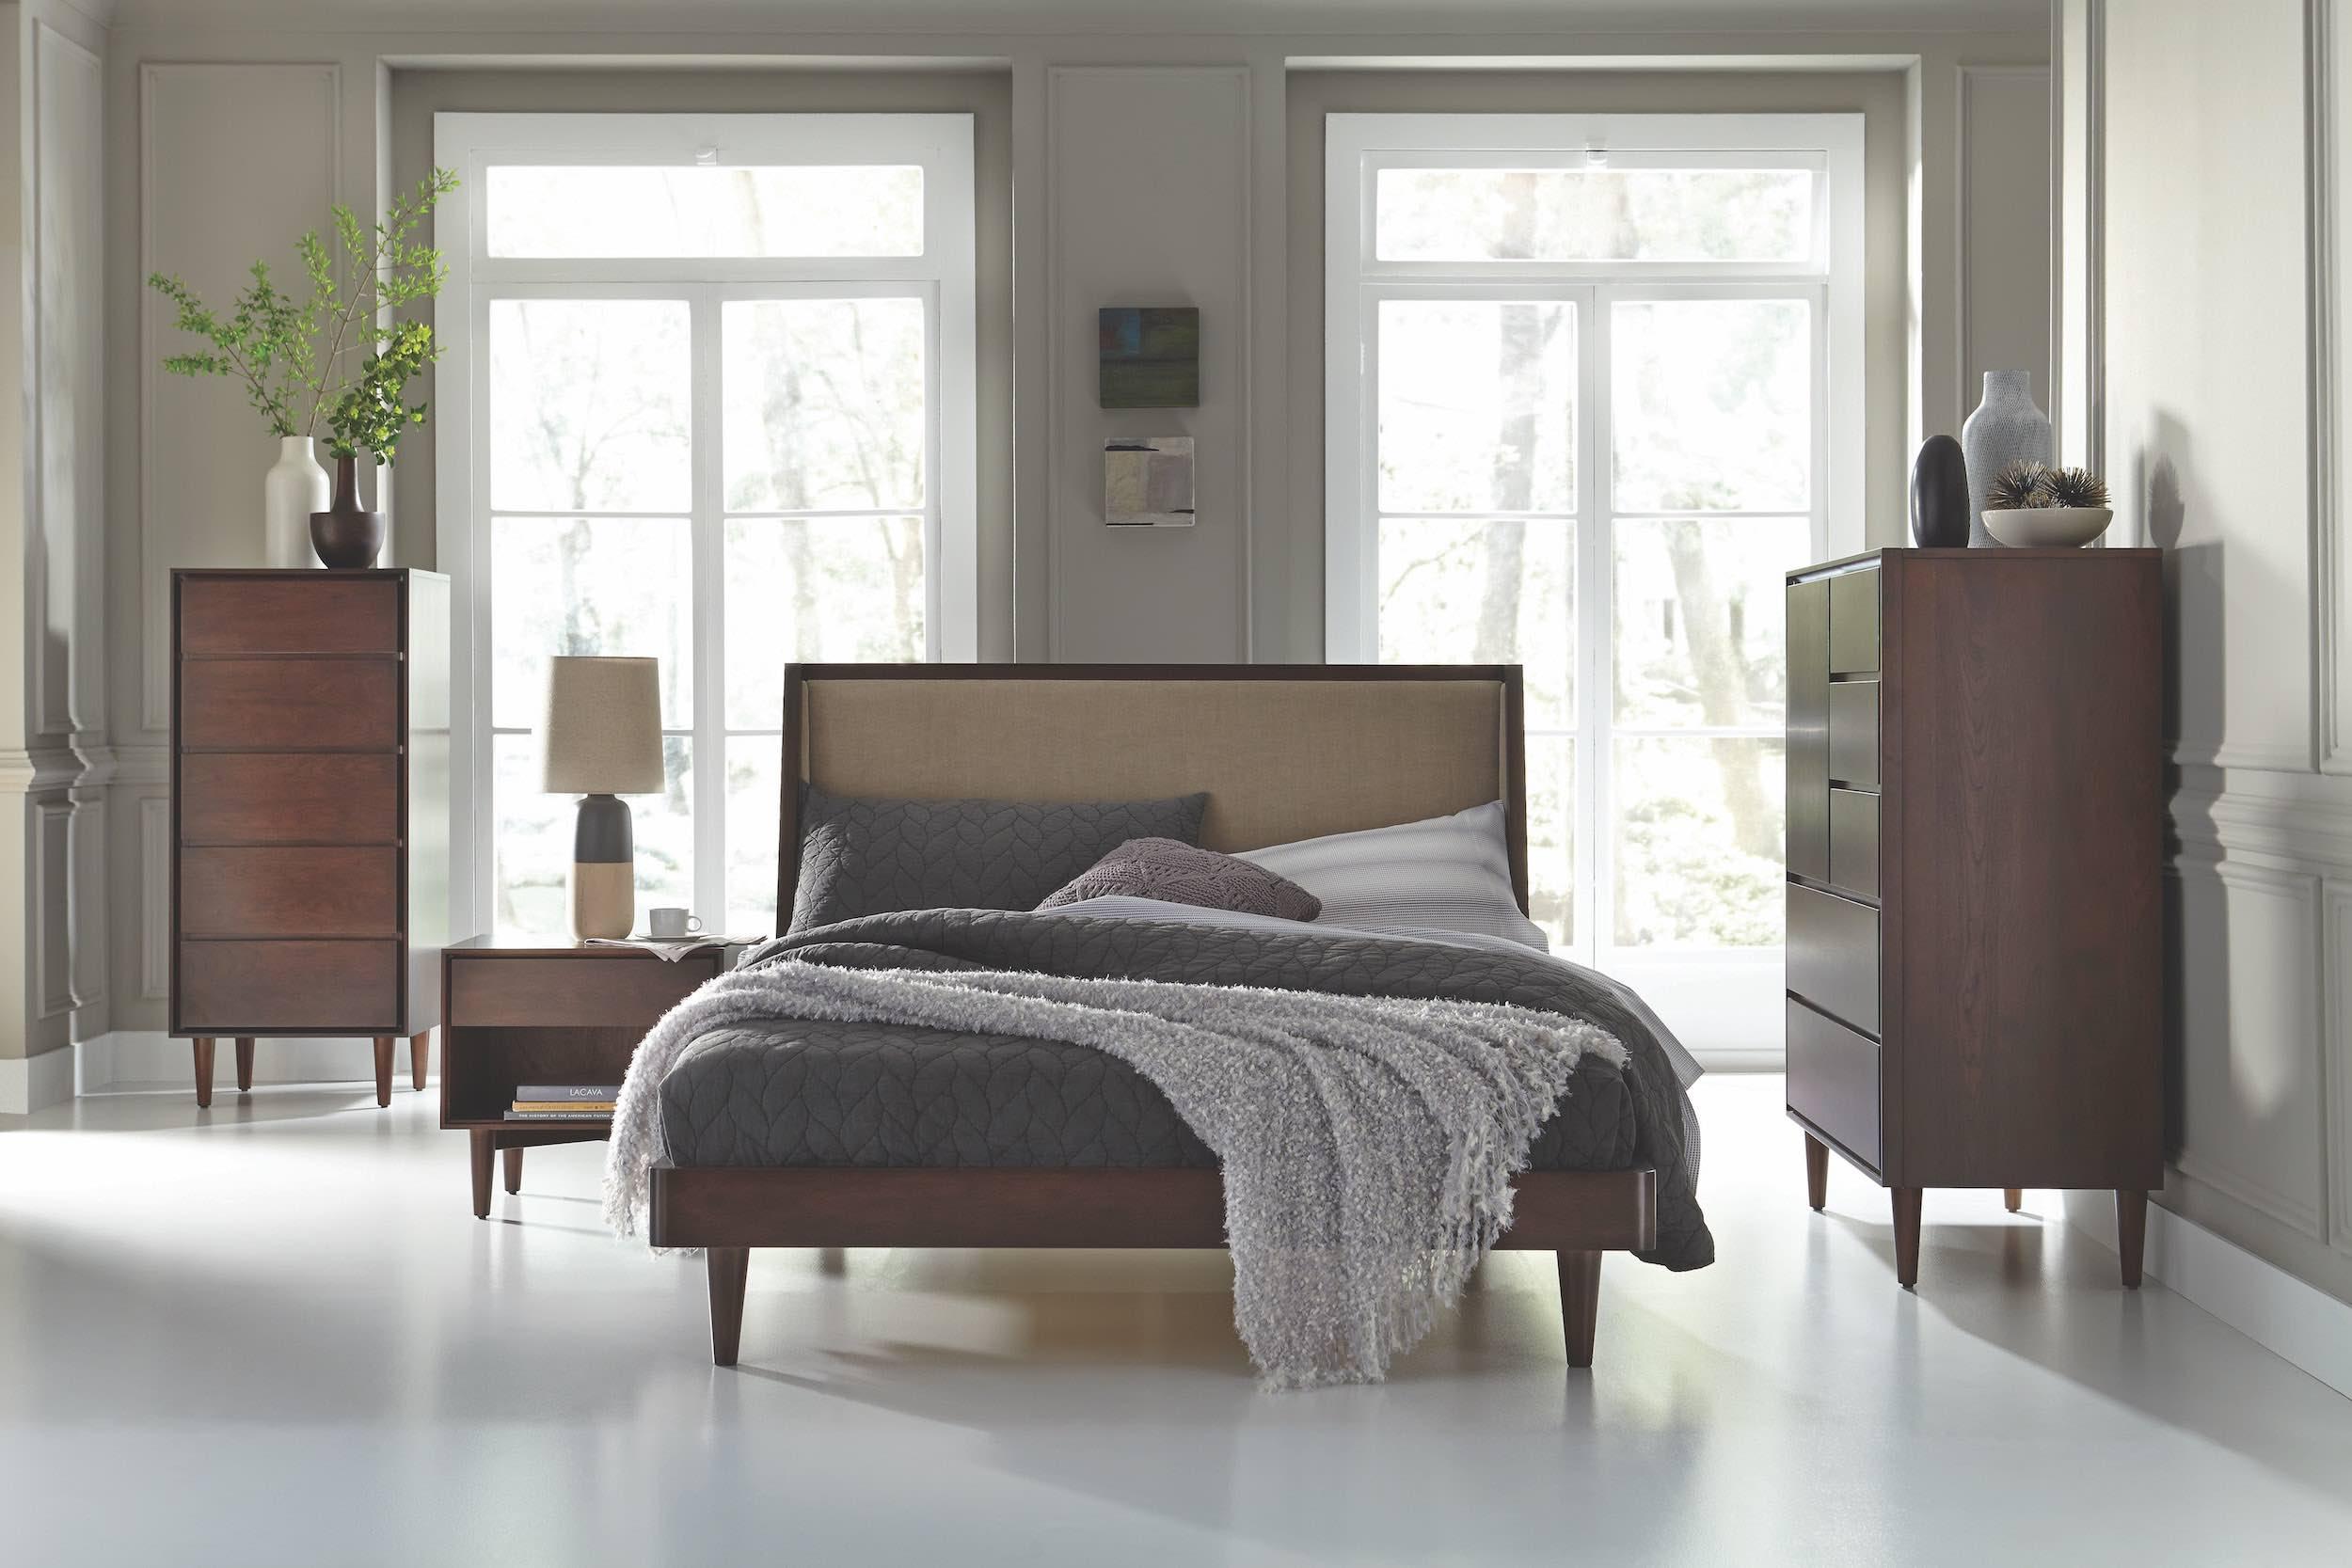 Jasper-Bedroom-B-3.jpg